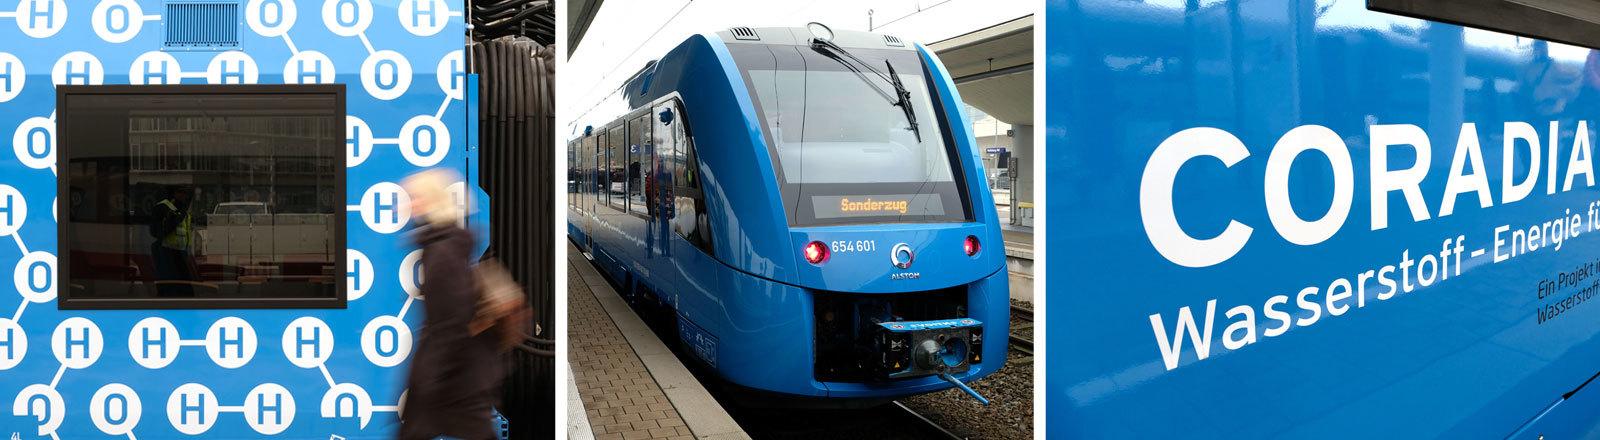 Ein mit Wasserstoff betriebener Zug